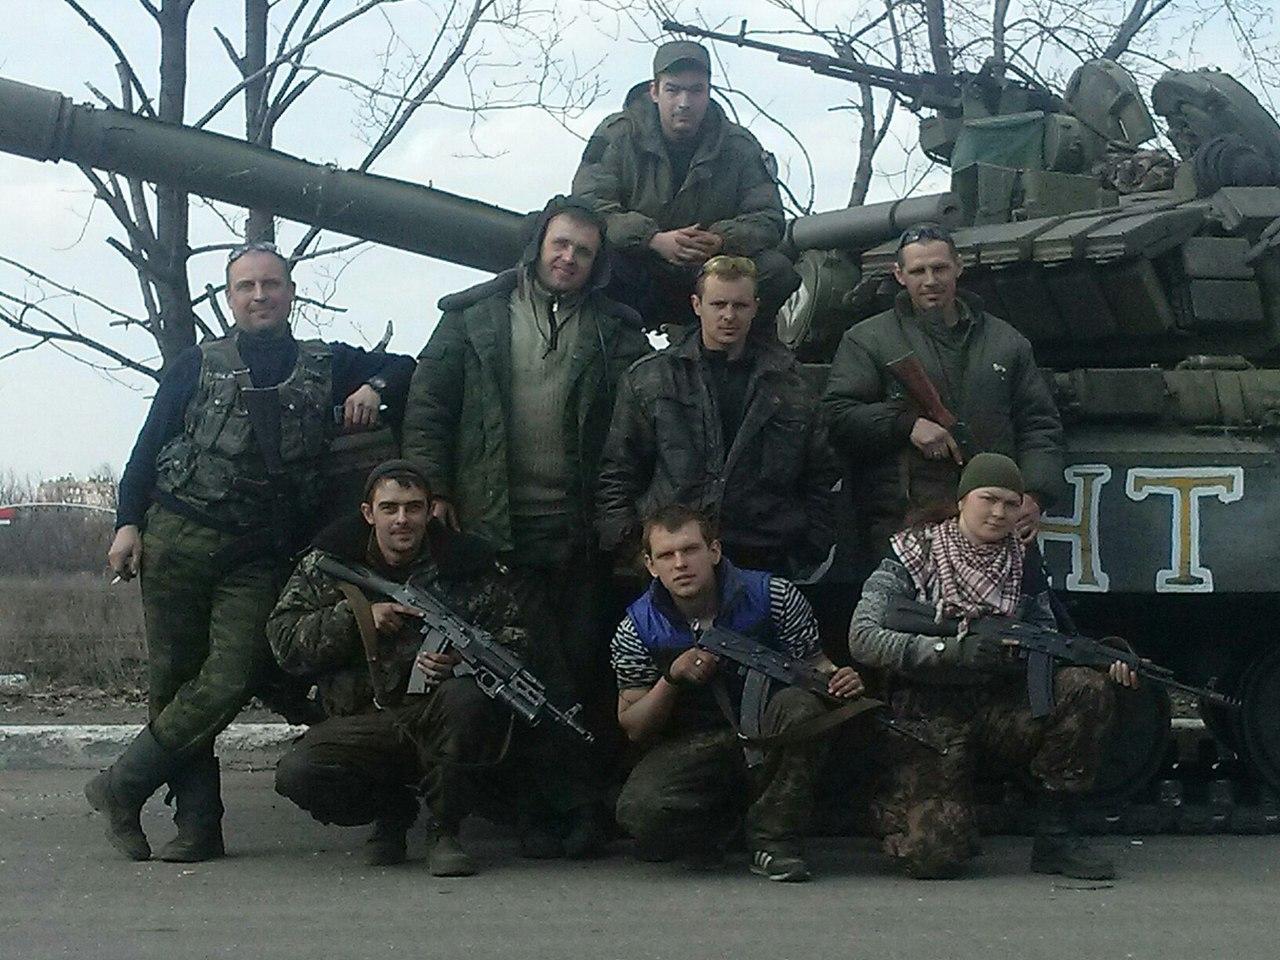 Украина в состоянии войны. Нельзя не видеть танки и БТРы агрессора на Донбассе, - Коморовский в Раде - Цензор.НЕТ 5133